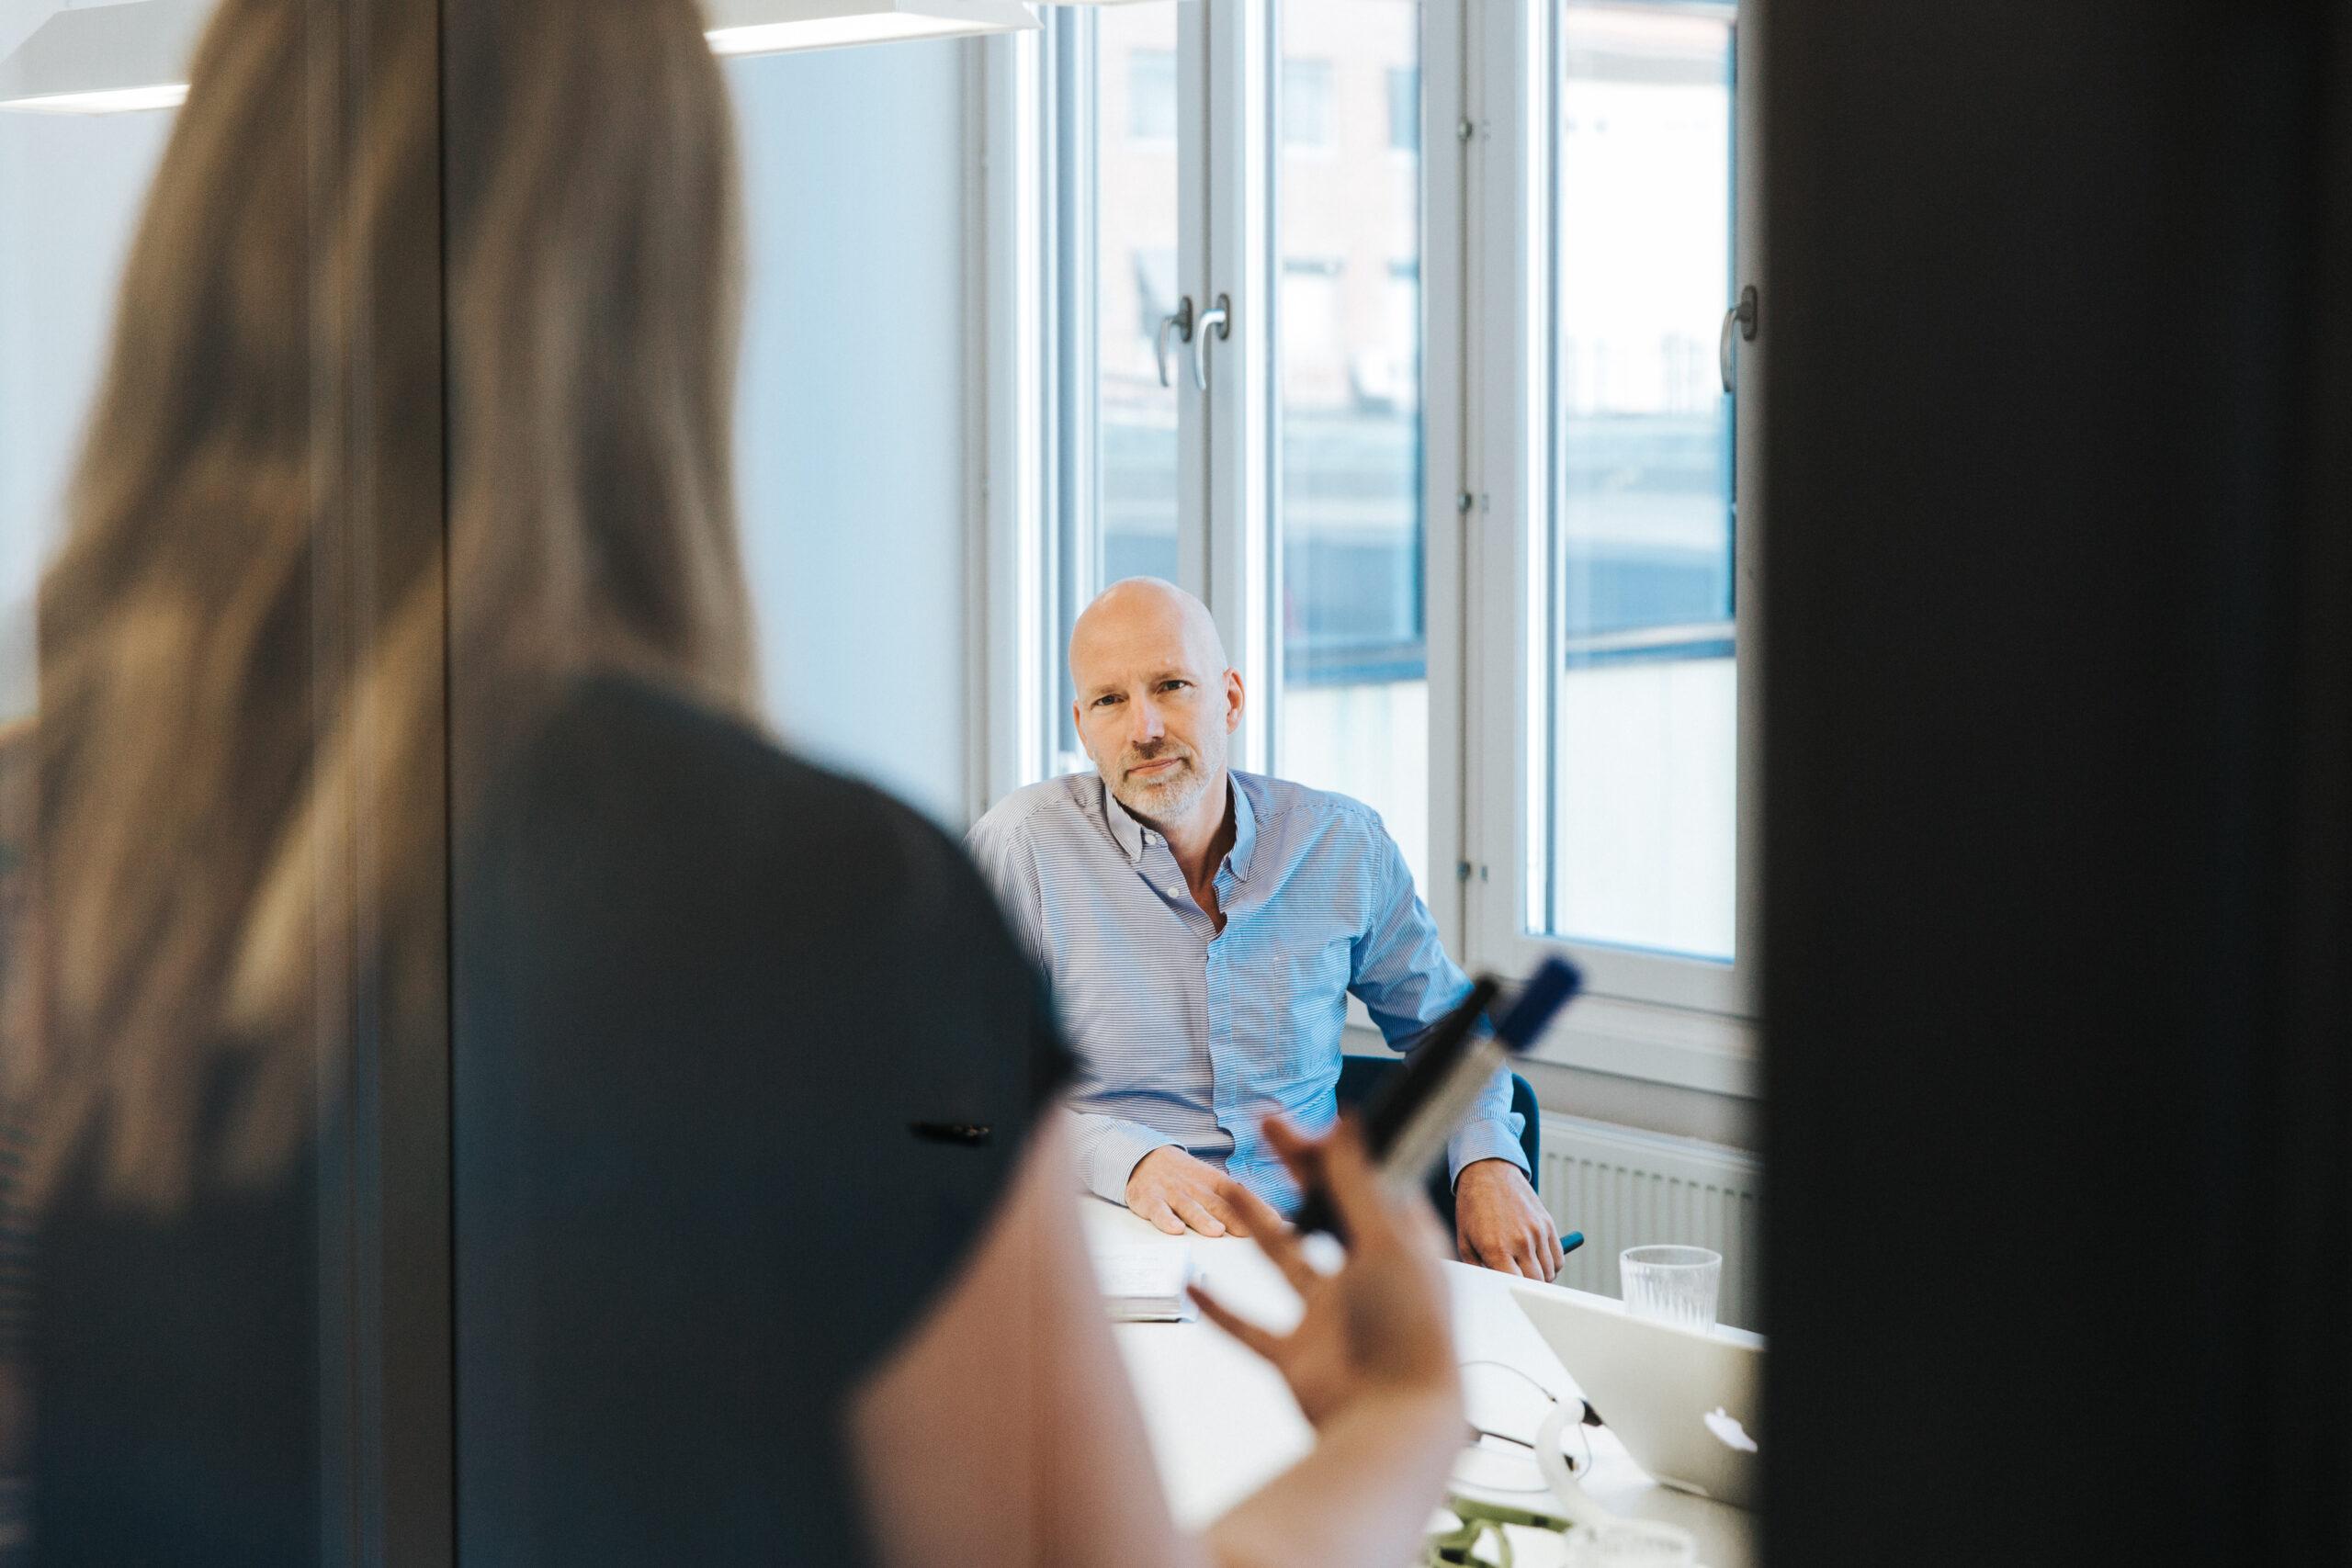 Anders Wikström sitter vid konfernsbord och lyssnar till en kollega